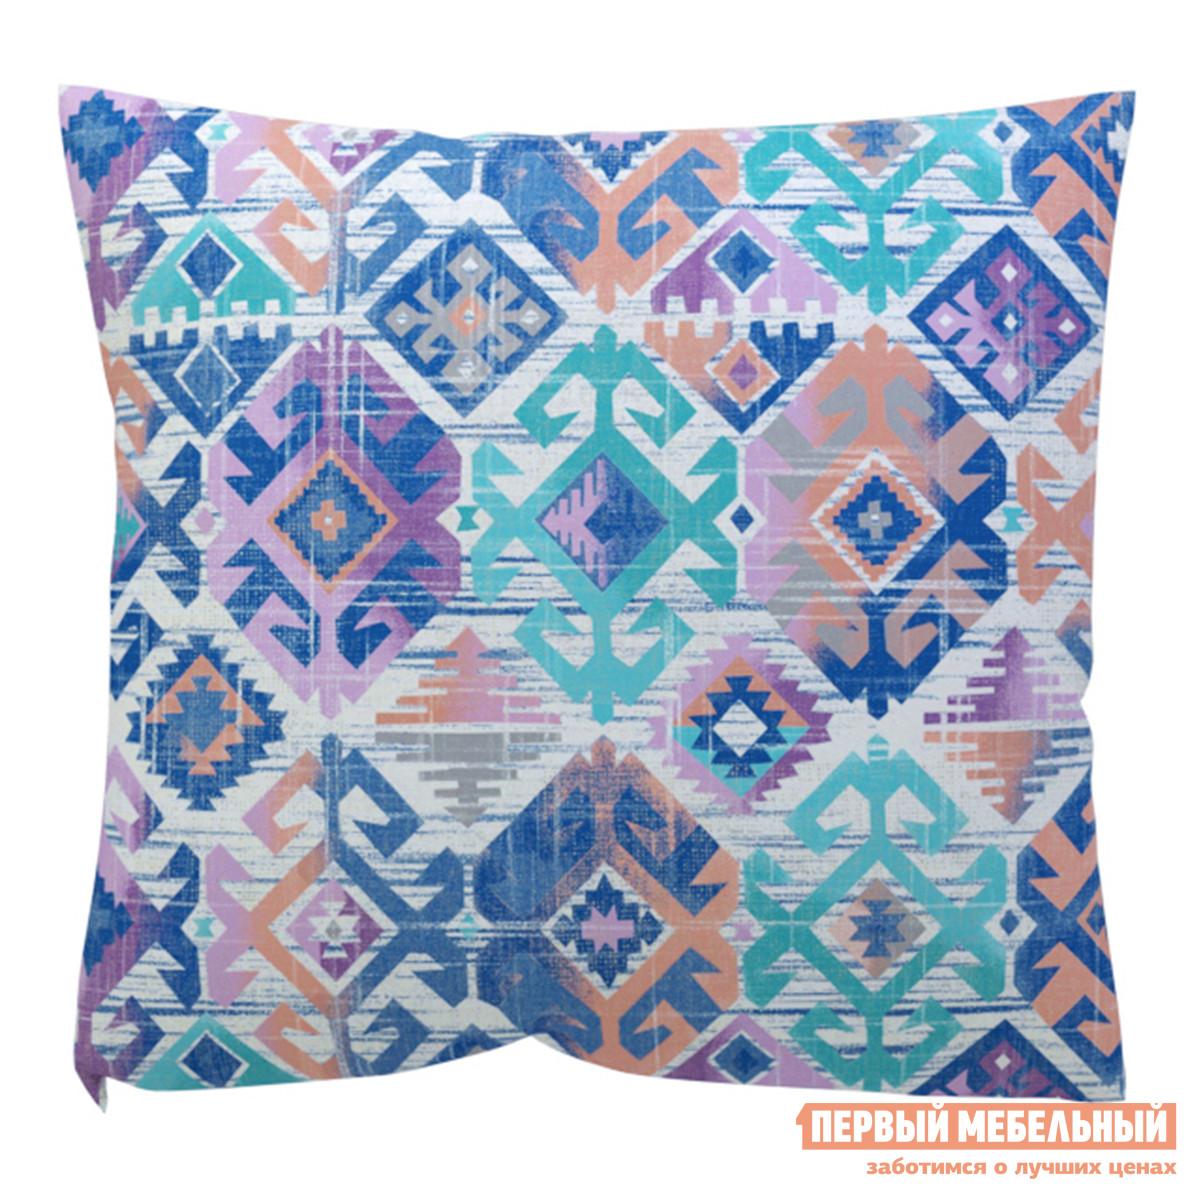 Декоративная подушка DreamBag Ясмин Голубая декоративная наволочка asabella d3 2 бело голубая